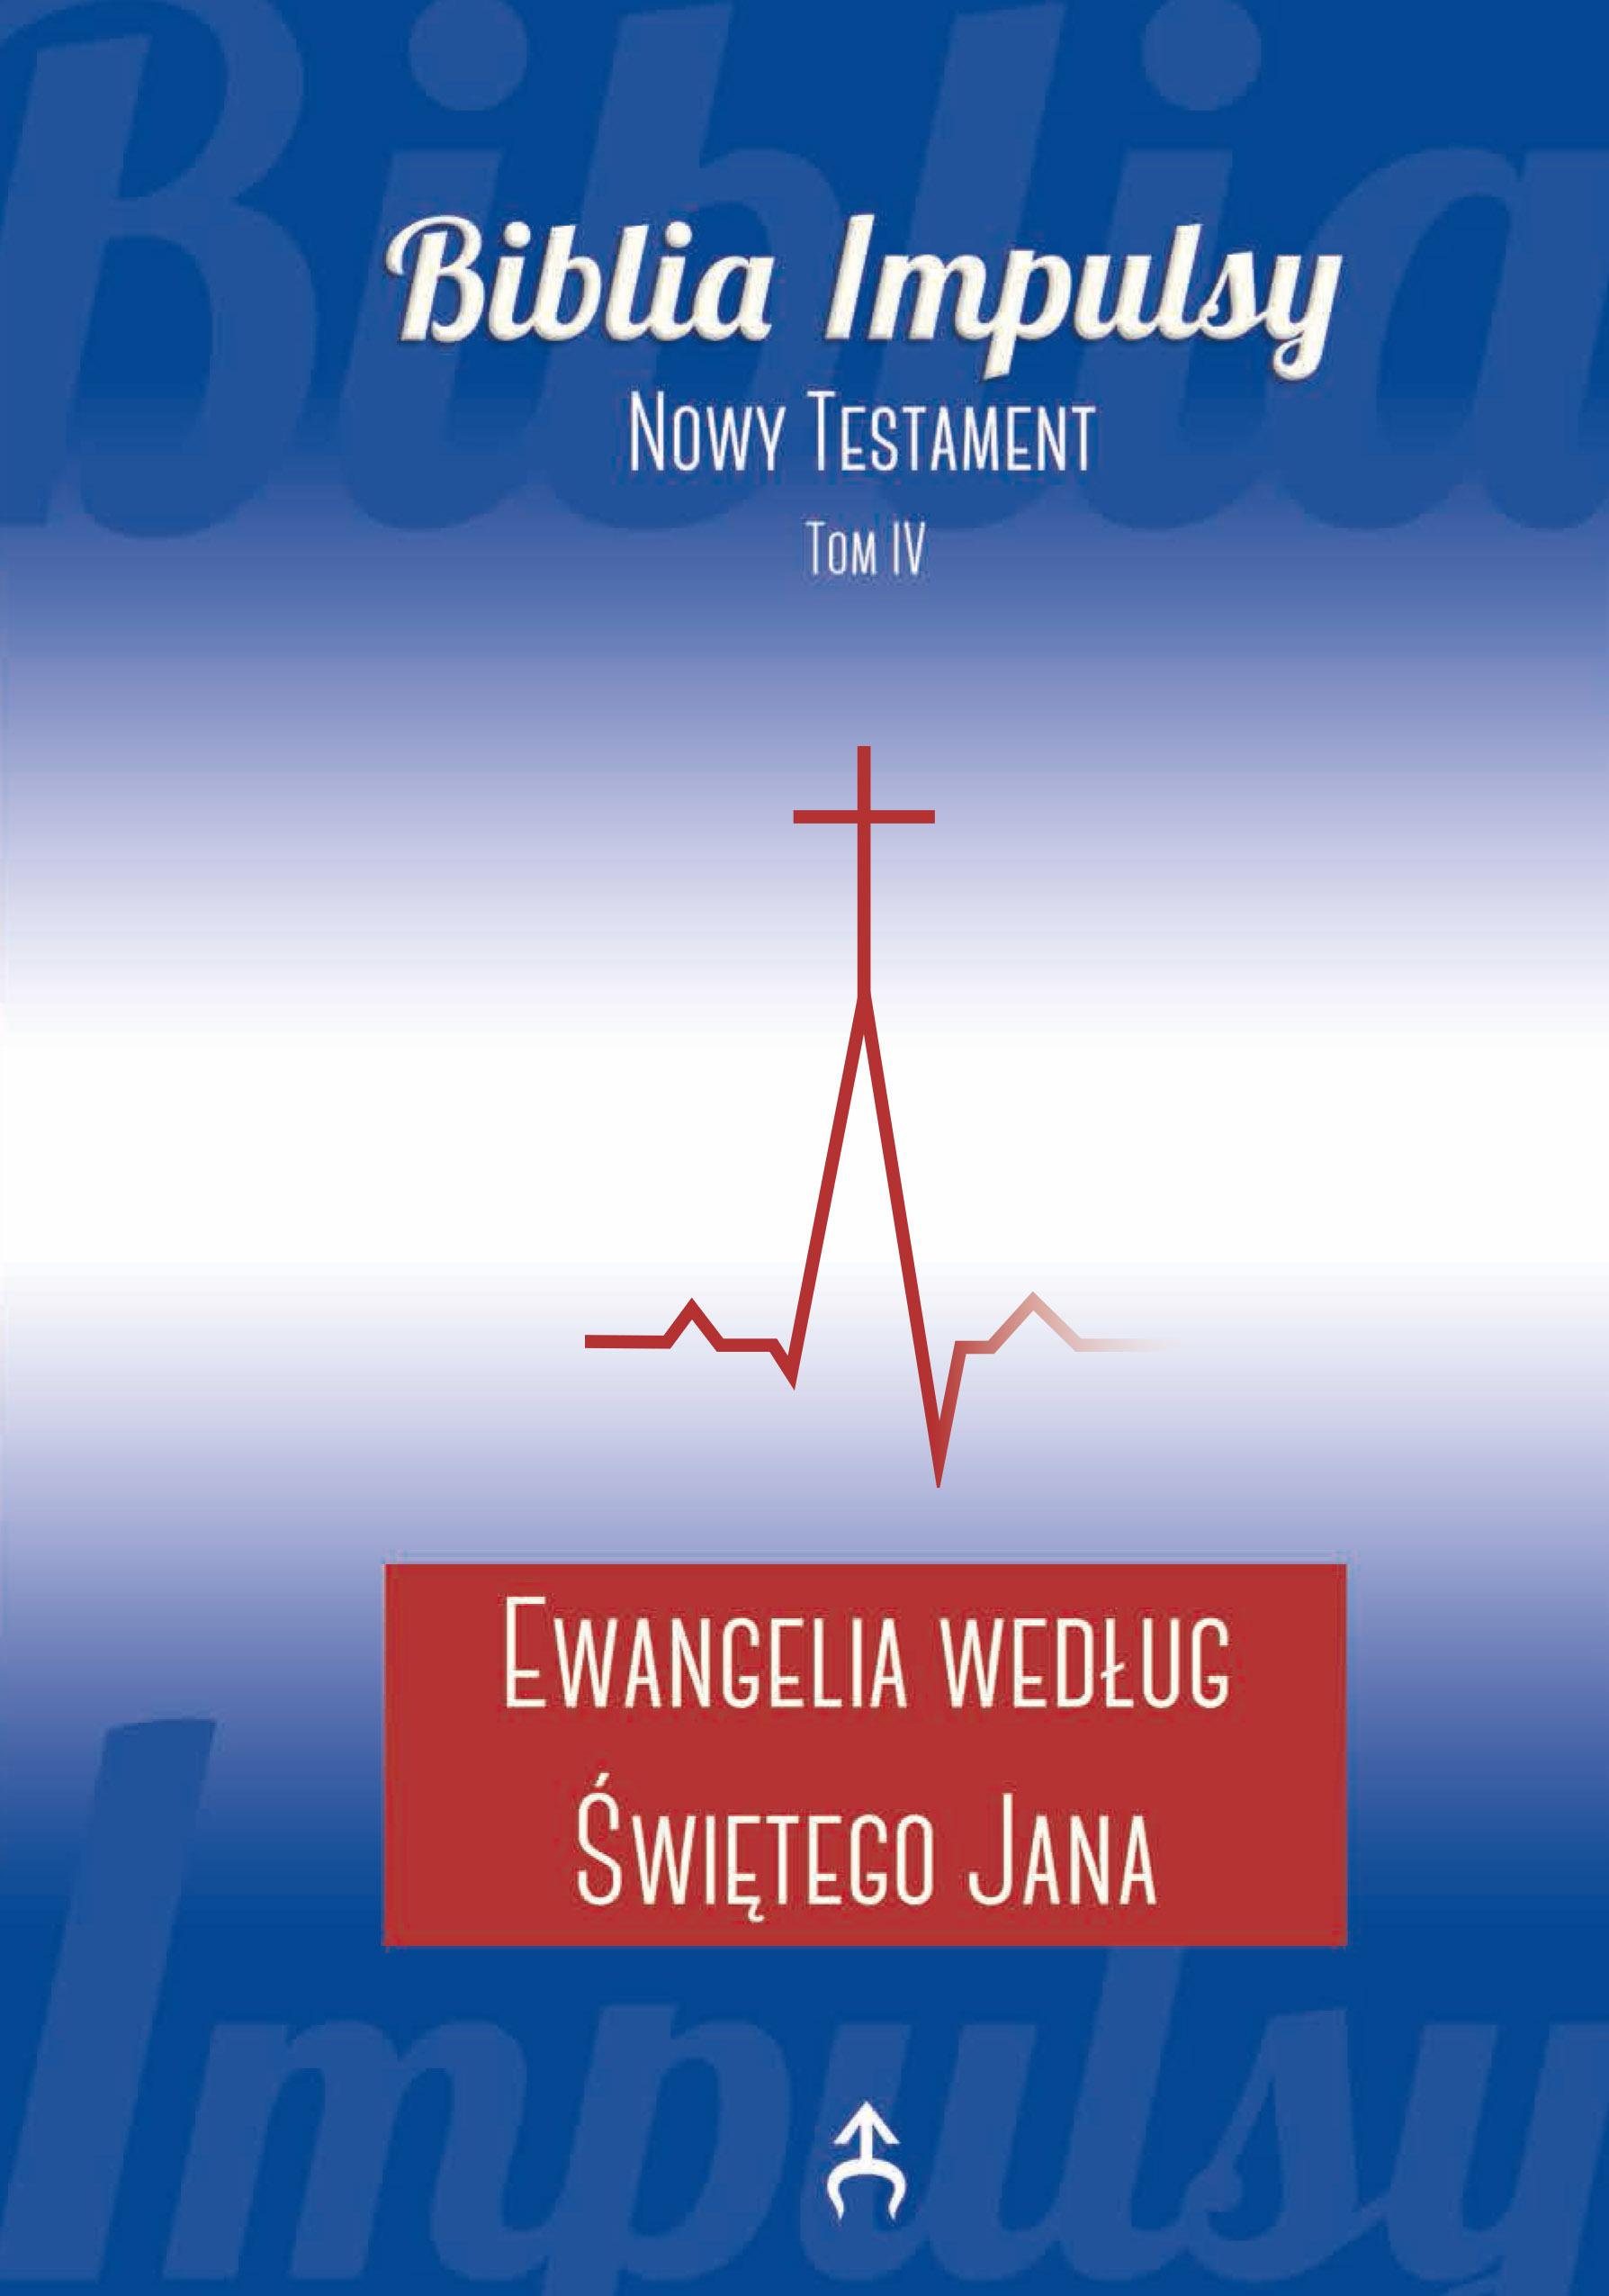 Ewangelia według św. Jana. Wstęp, przekład z oryginału, komentarz Beata Urbanek (Biblia Impulsy)